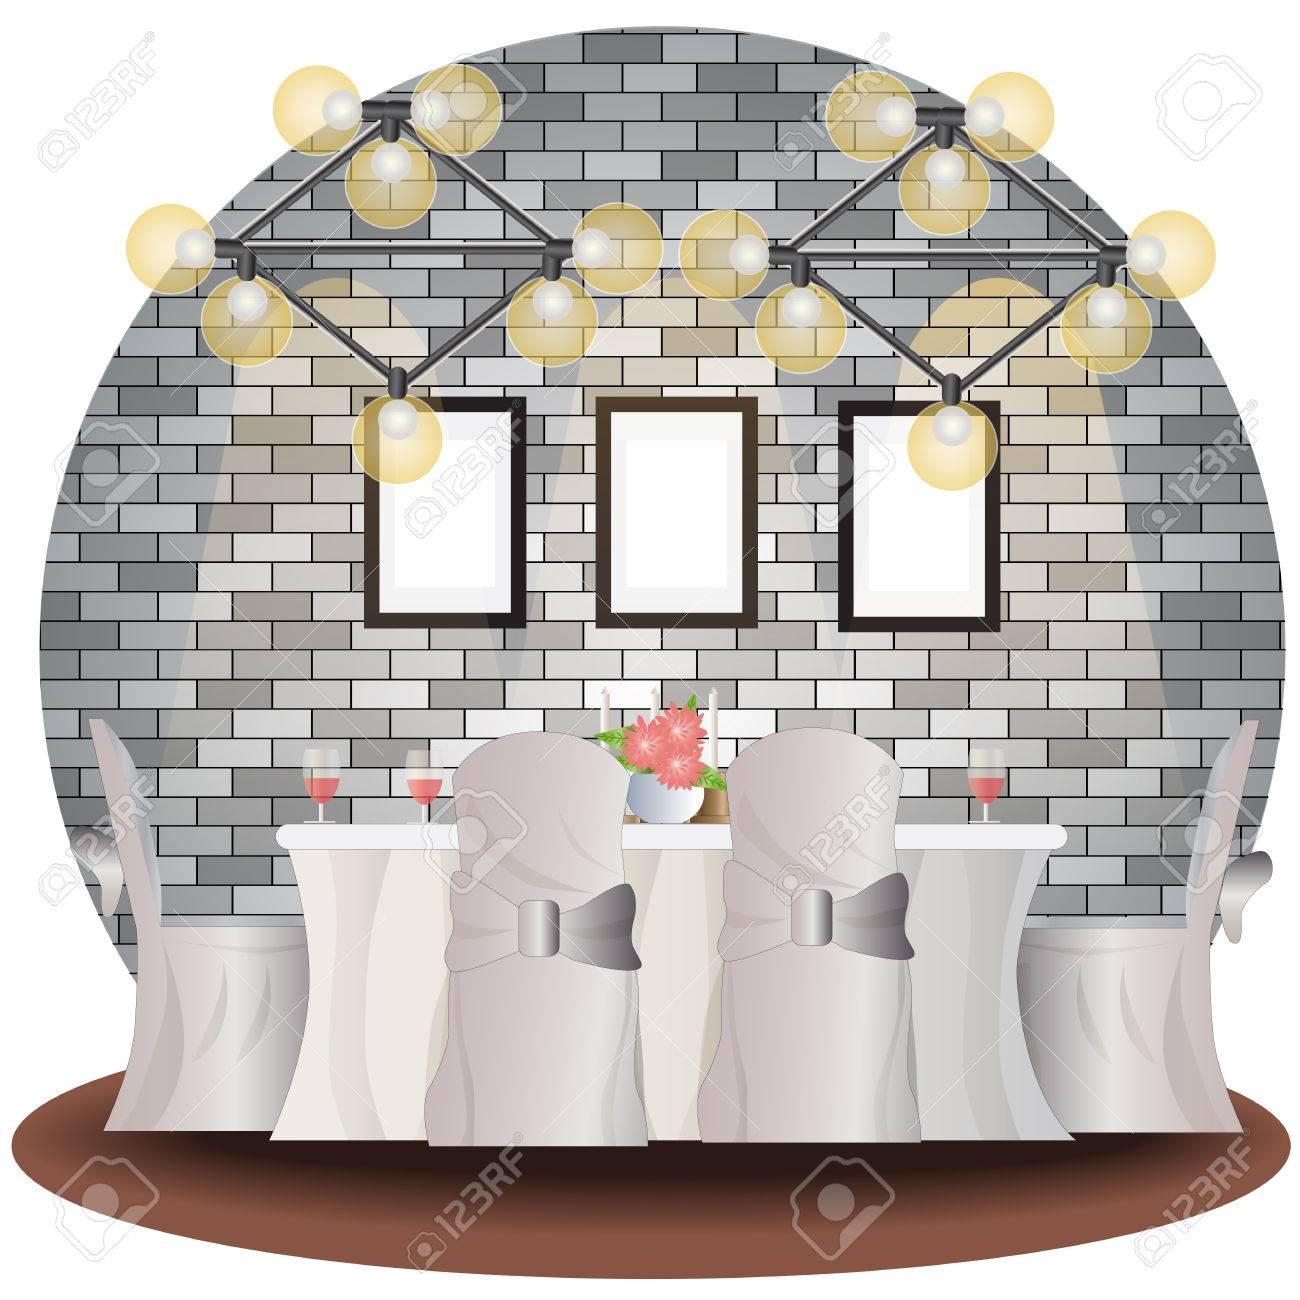 Esszimmer Höhe Mit Backstein Hintergrund Set Innen, Vektor Illustration  Lizenzfreie Bilder